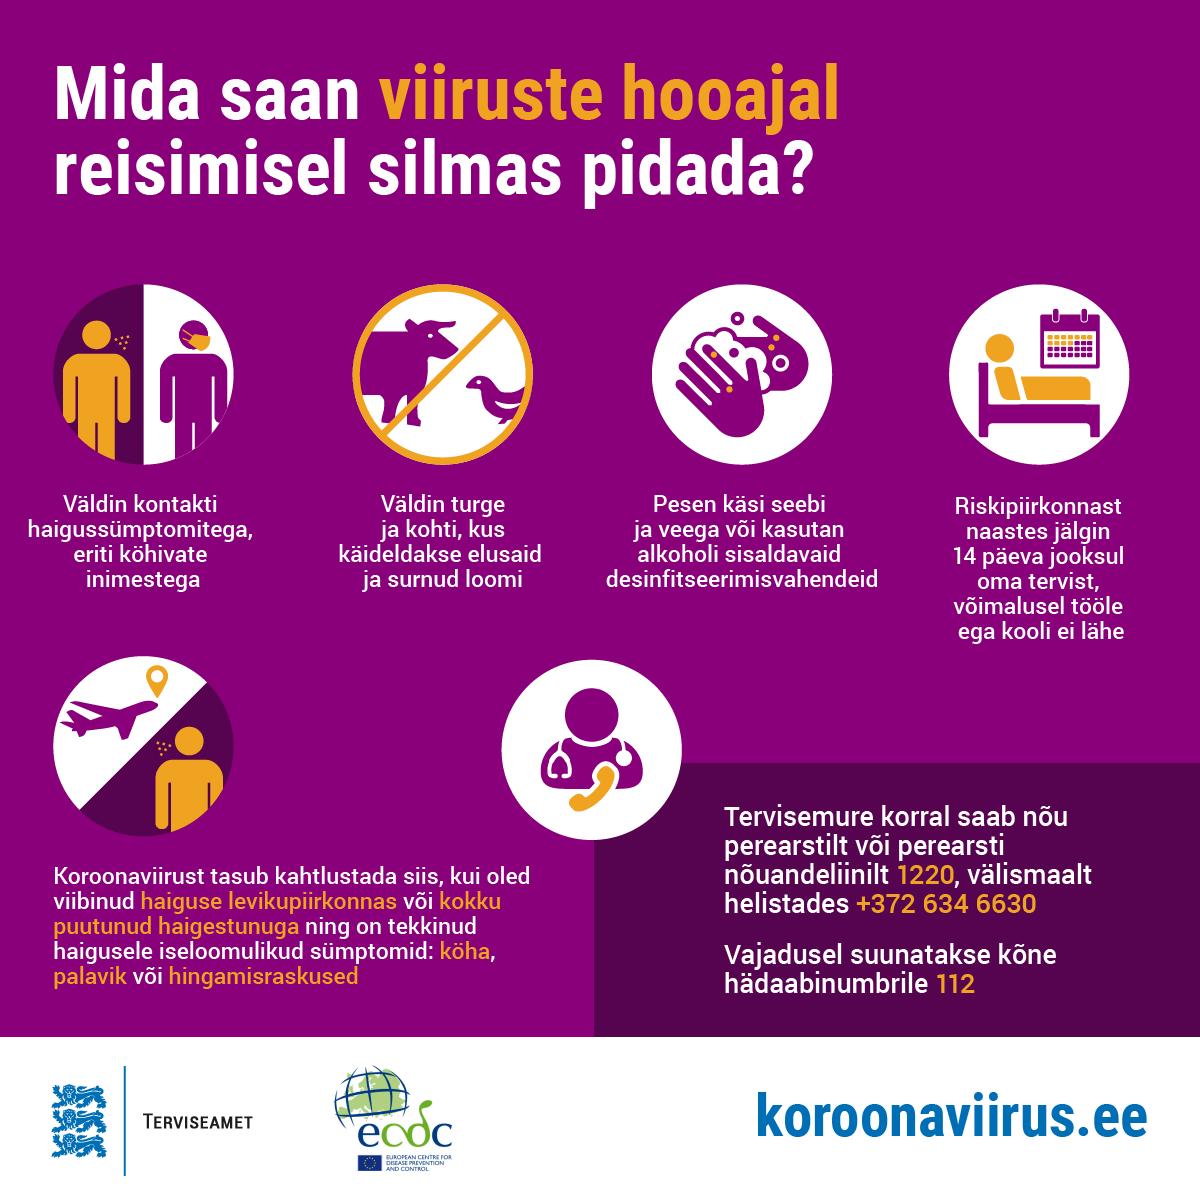 https://www.terviseamet.ee/sites/default/files/Nakkushaigused/Juhendid/COVID-19/mida_saan_viiruste_perioodil_reisimisel_silmas_pidada.est.png